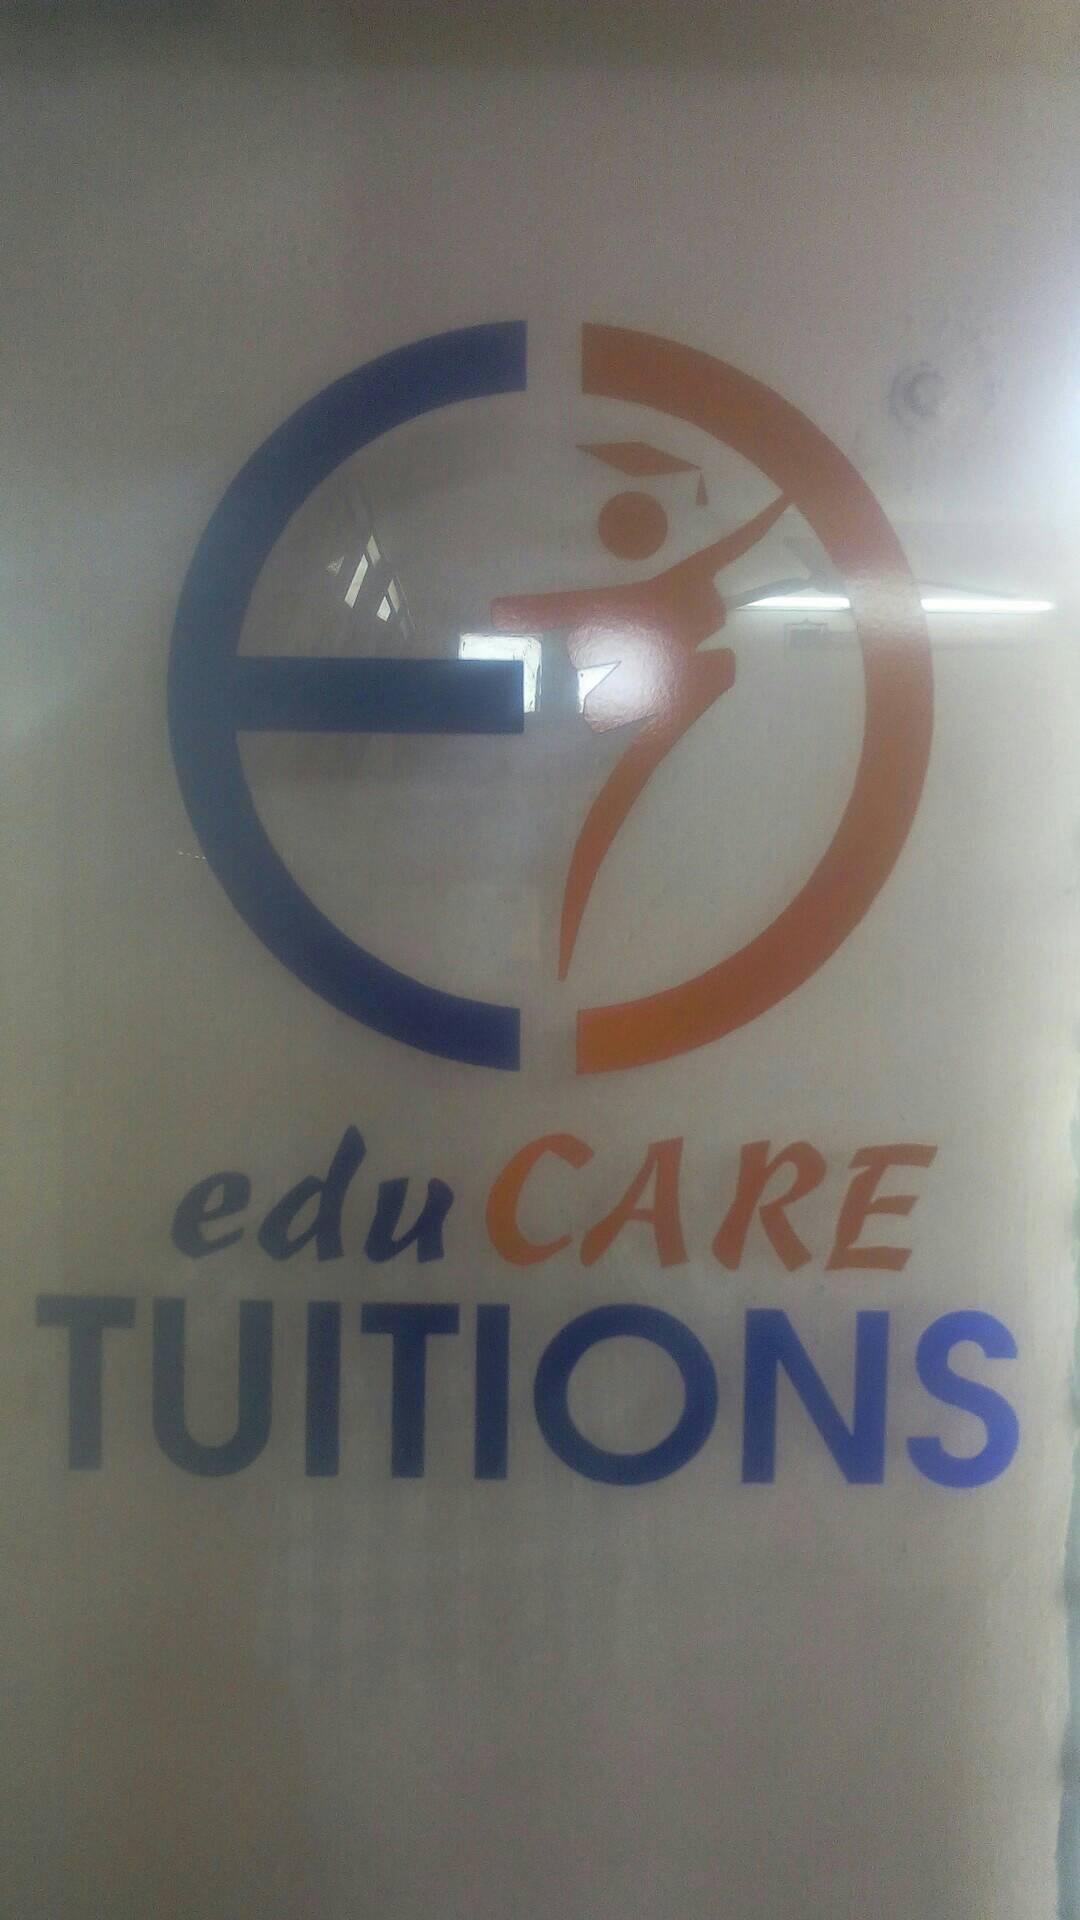 Educaretuitions 9003800111 - logo